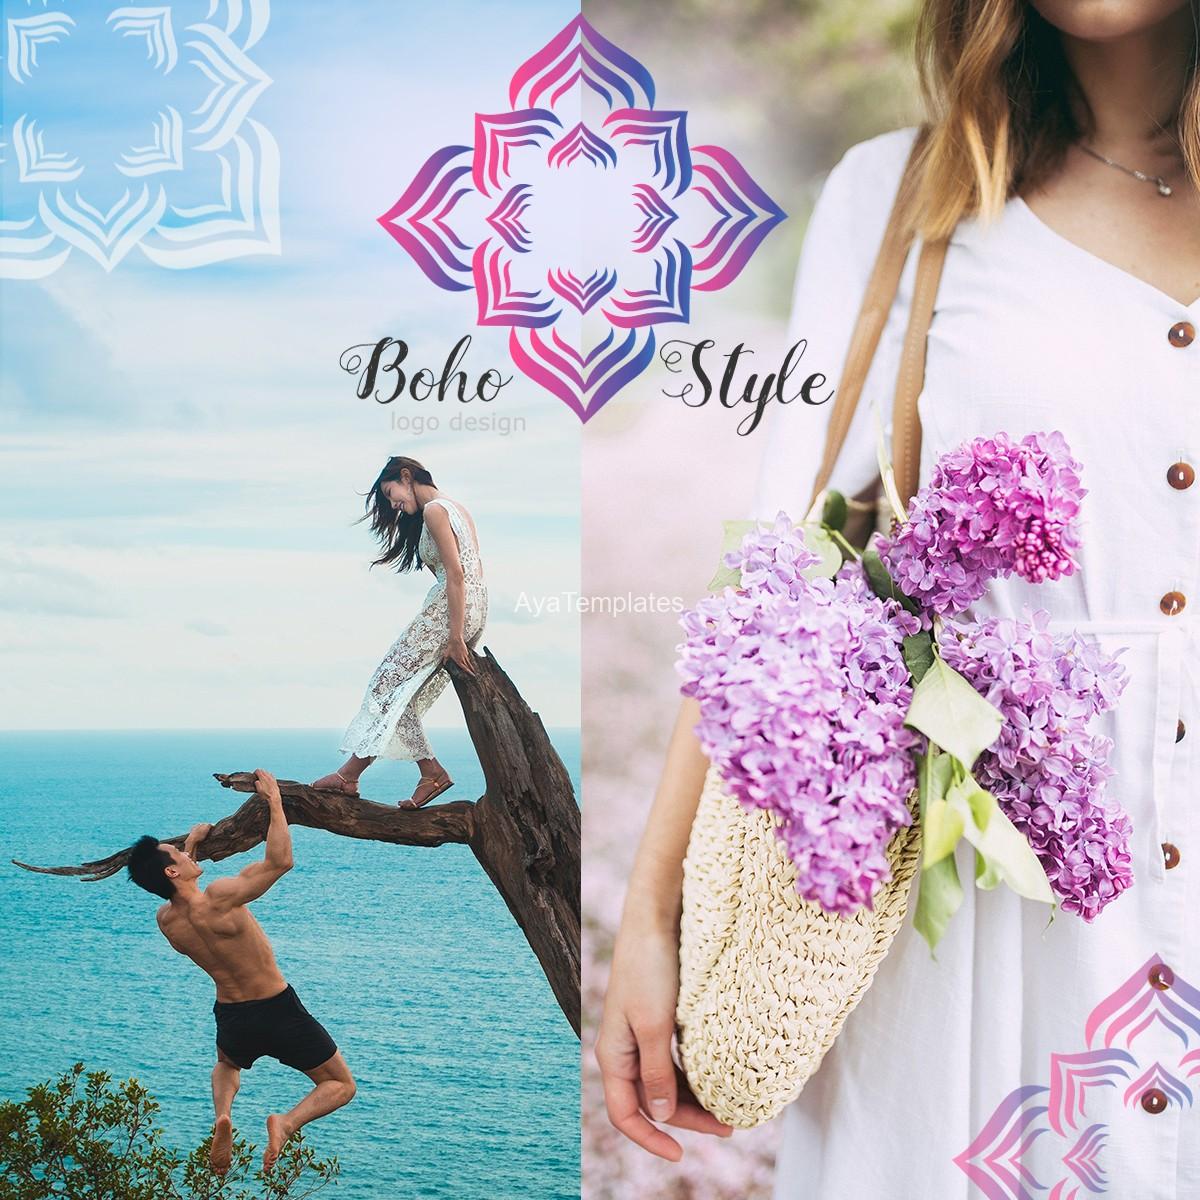 BohoStyle-logo-design-and-brand-identity-mockup-ayatemplates